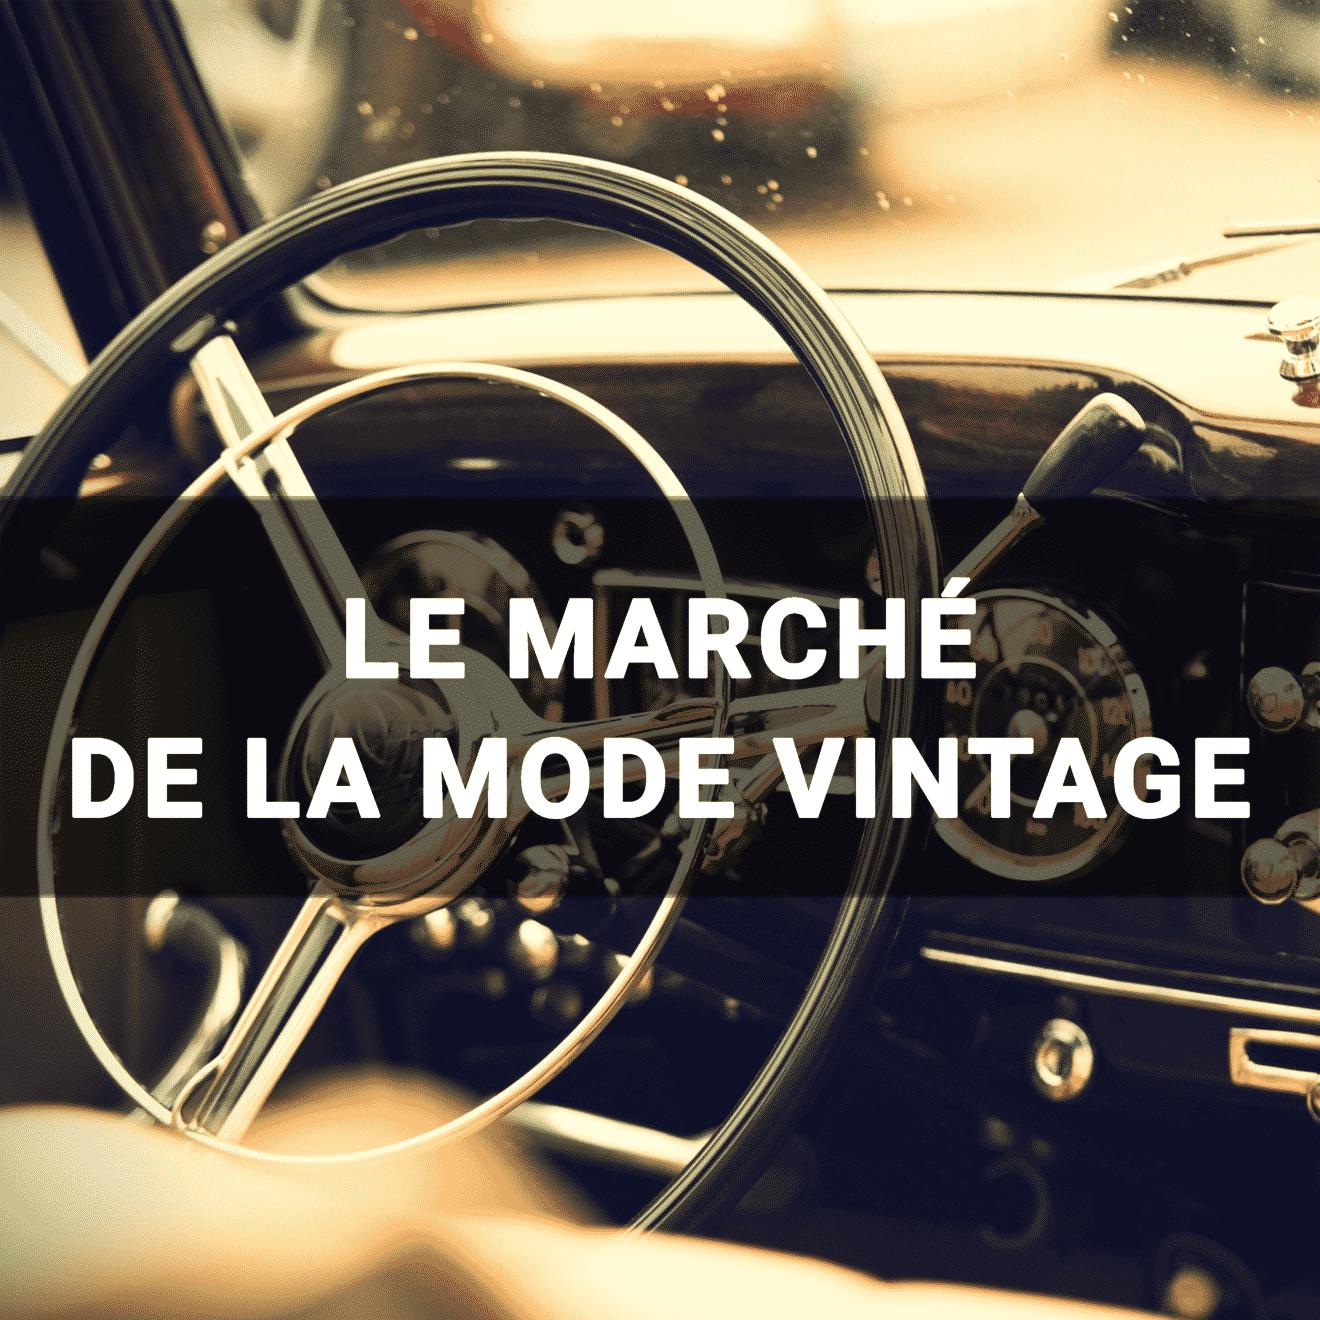 Intérieur de voiture vintage - le marché de la mode vintage